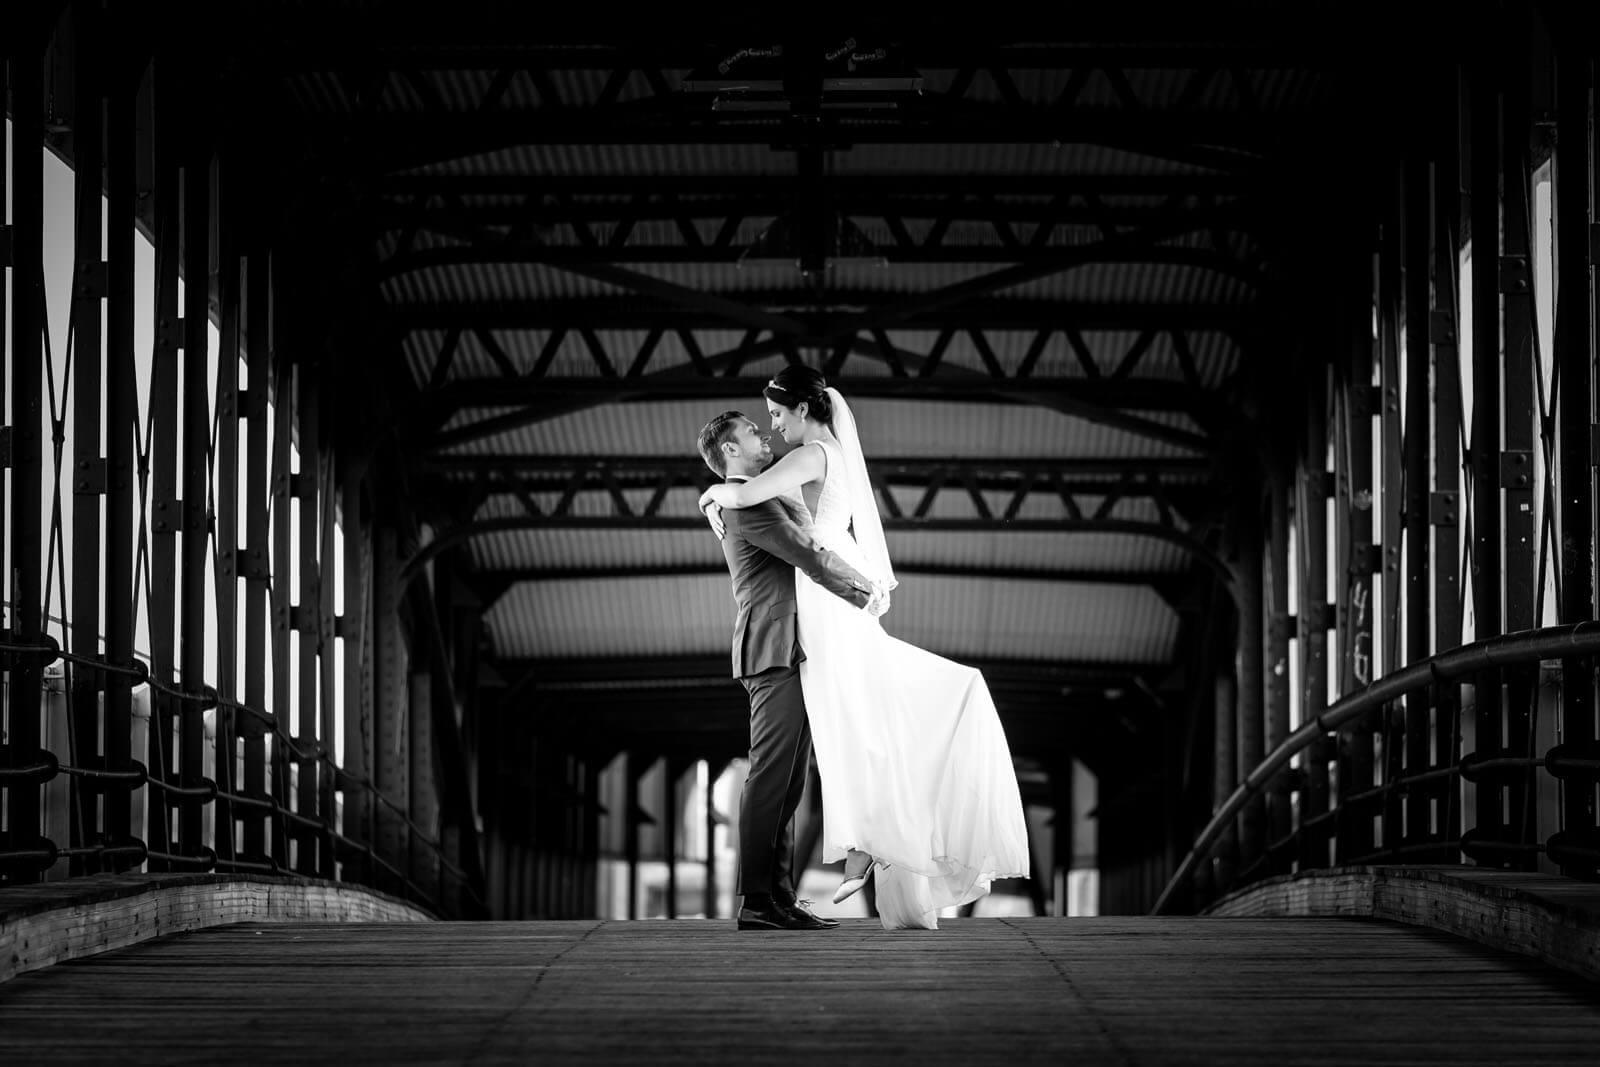 Hochzeitsfotograf Florian Läufer machte dieses Foto vom Brautpaar auf der Gangway zur Cap San Diego an der Elbe.